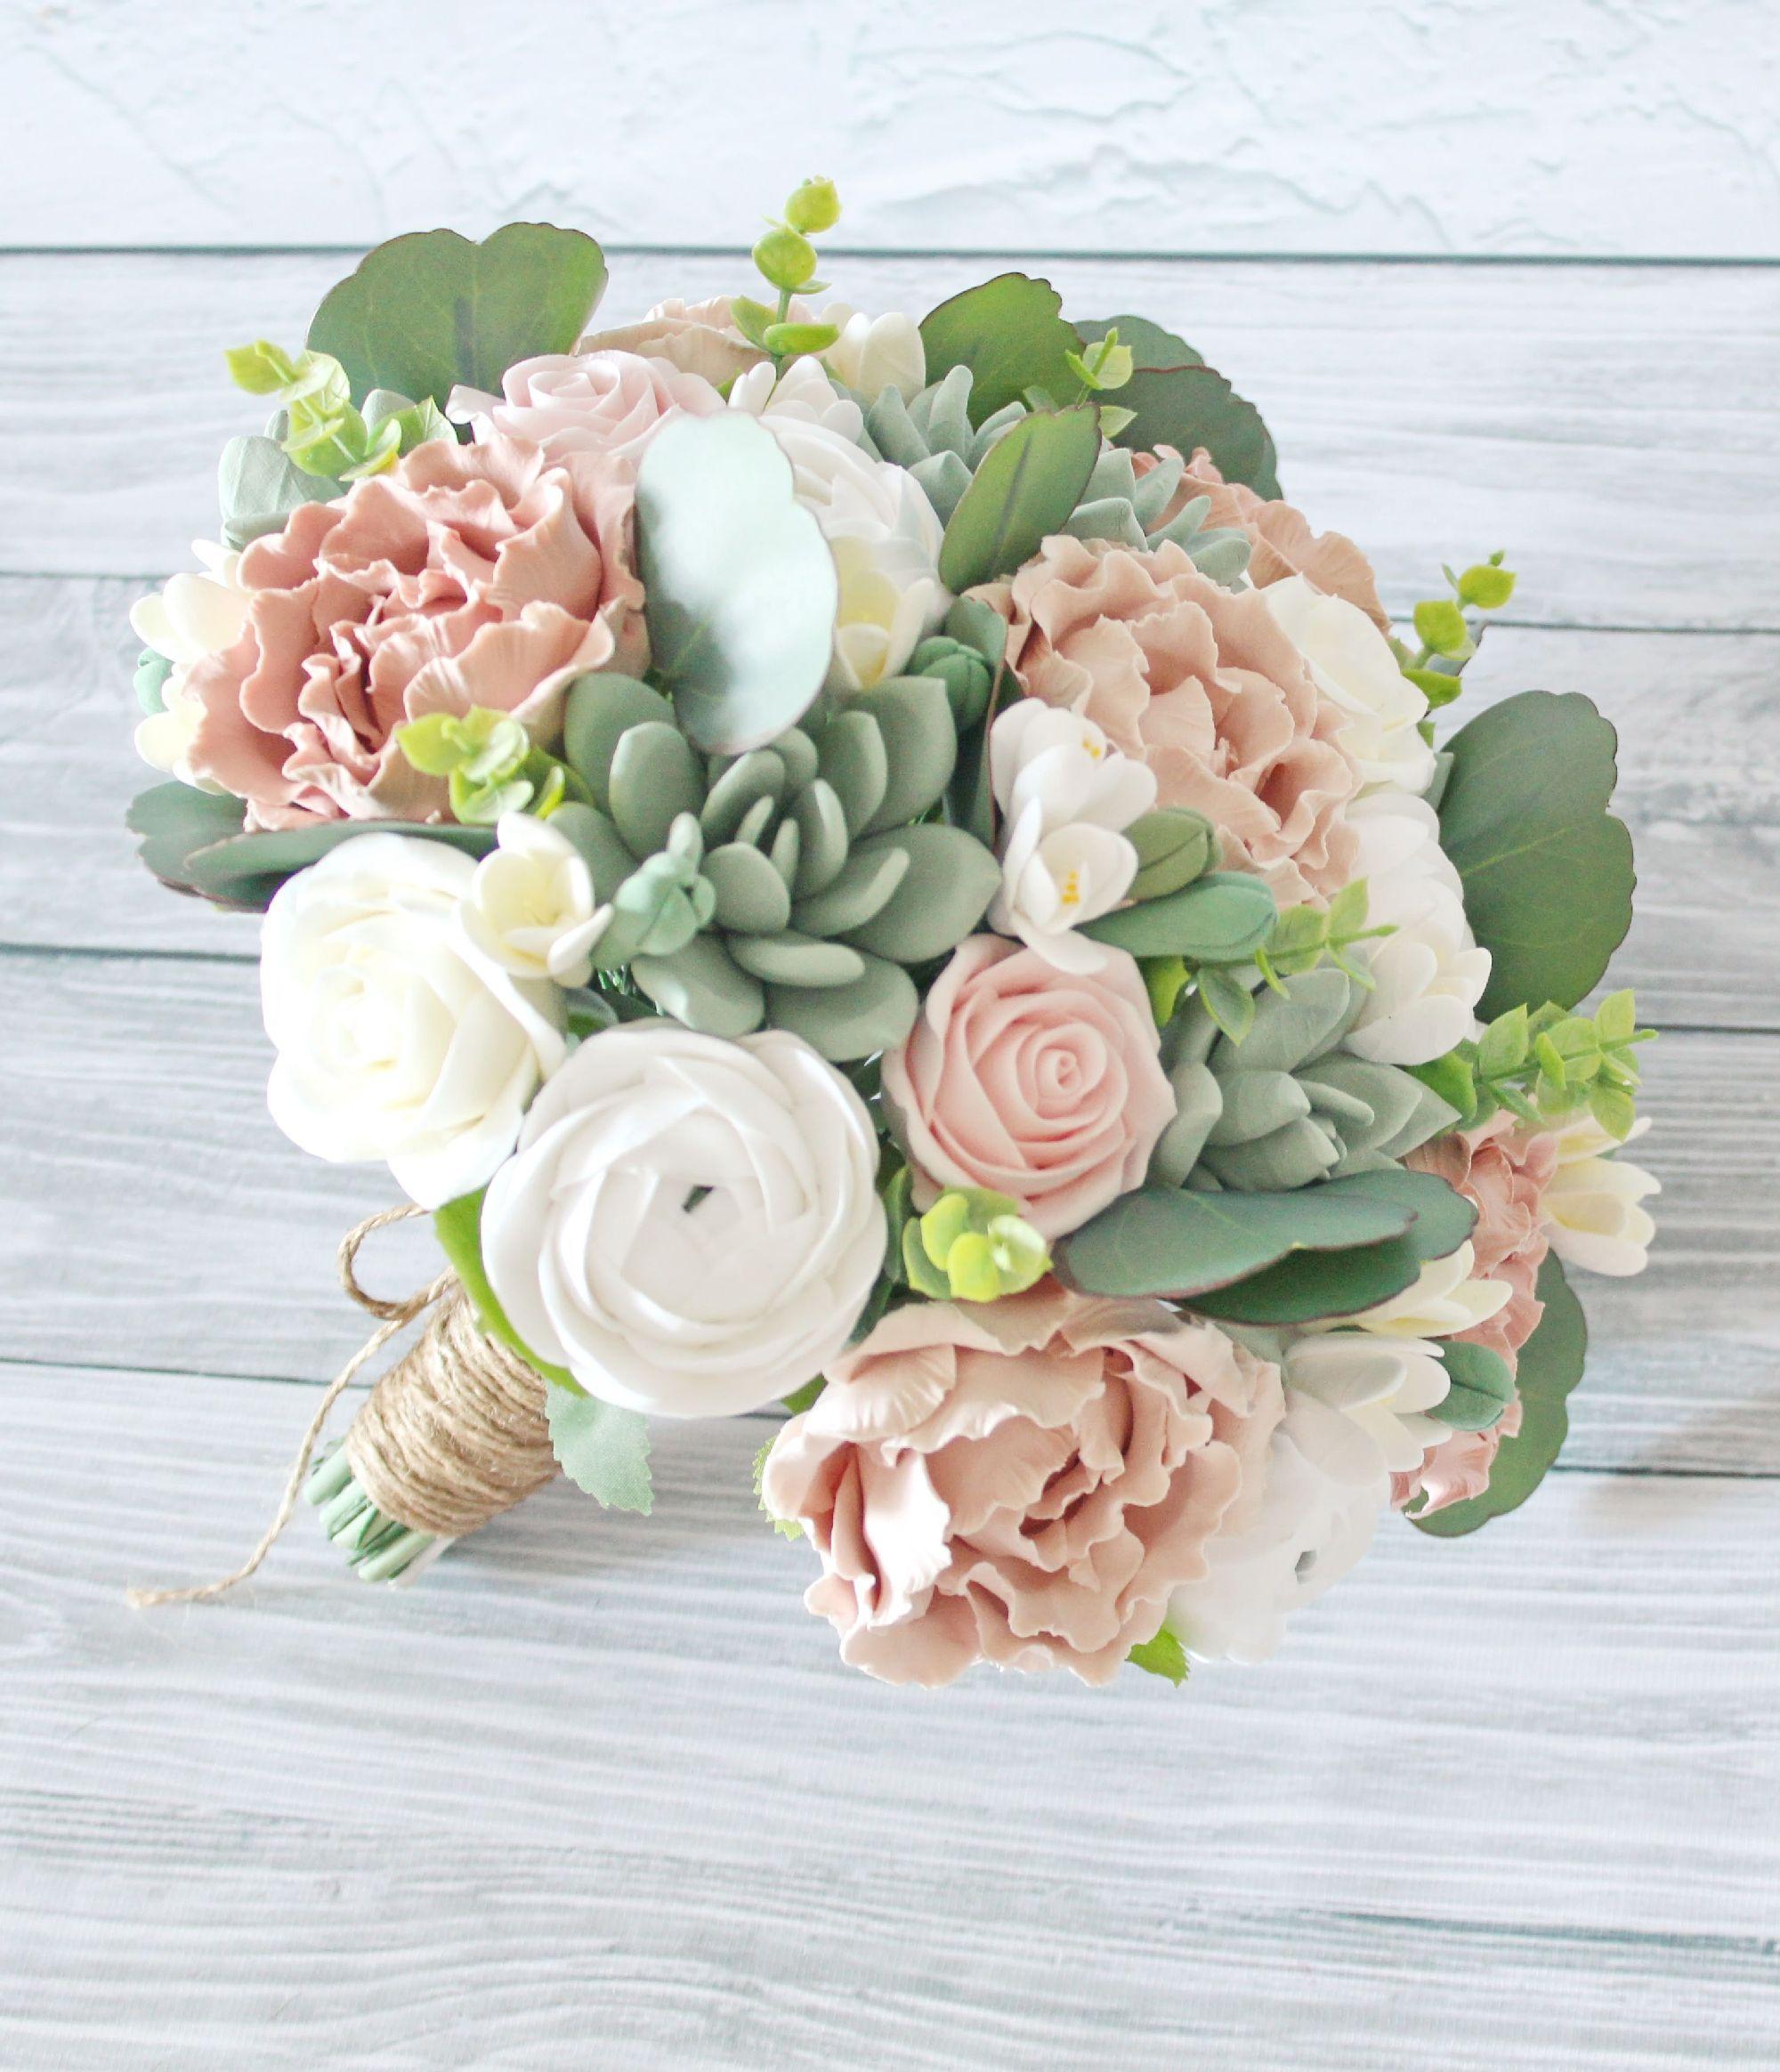 Succulent wedding package Faux bridal bouquet Keepsake Succulent bouquet Bridesmaid package Faux Wedding bouquet Rustic bouquet Clay bouquet